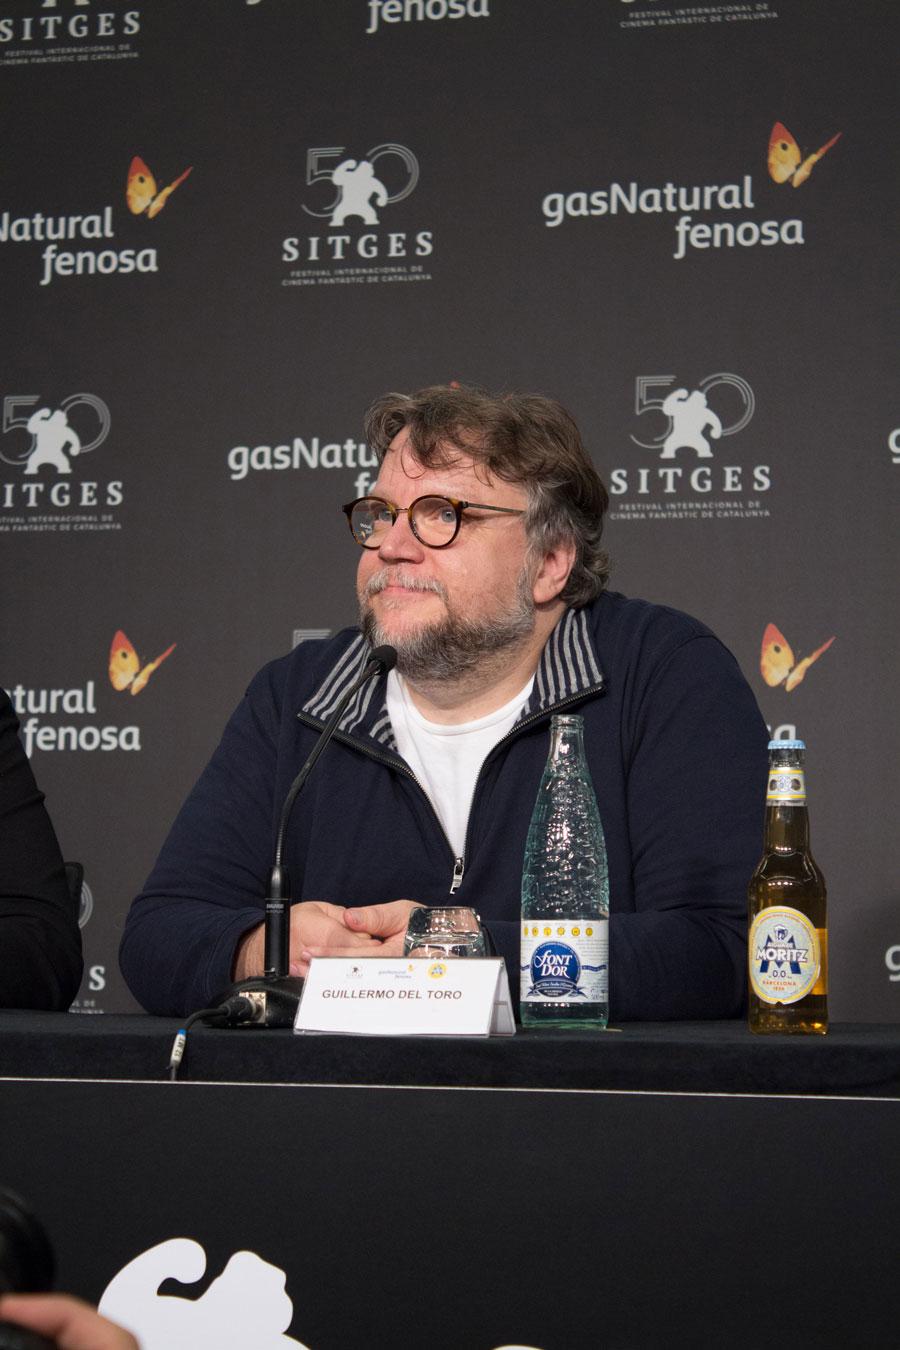 Guillermo del Toro, en rueda de prensa en el Festival de Sitges. | Foto: Daniel Fumero